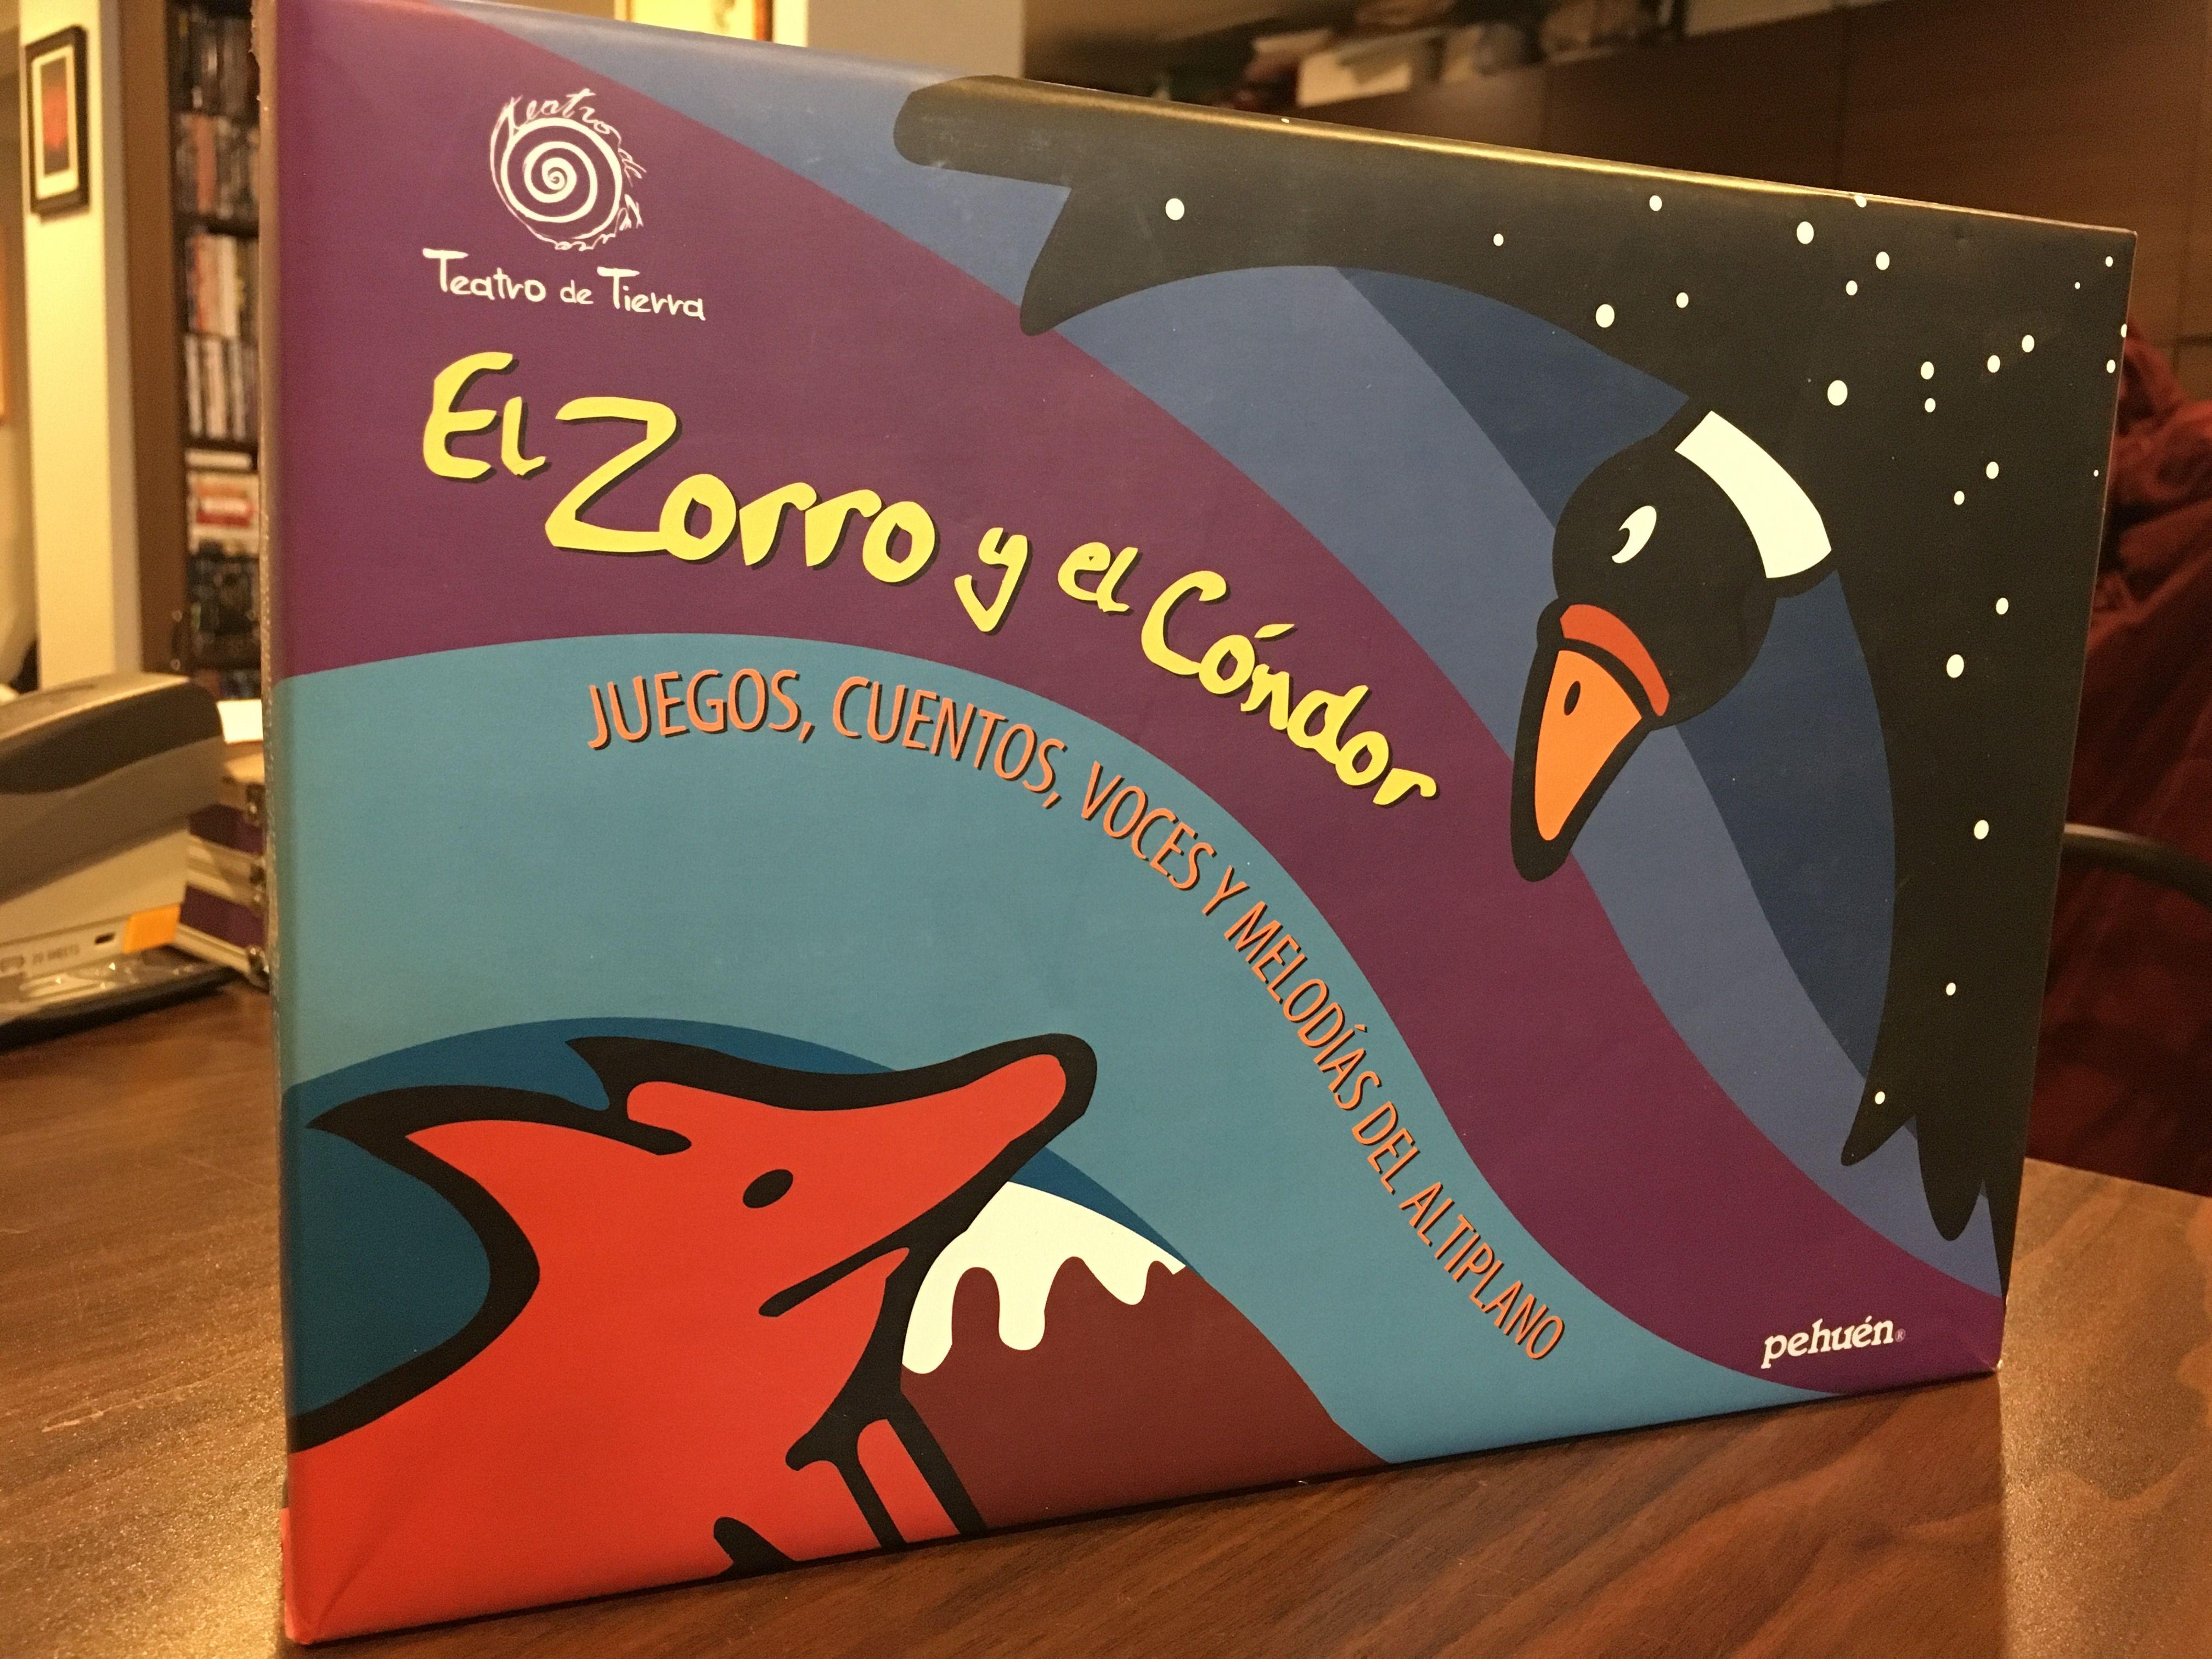 El Zorro y el Condor